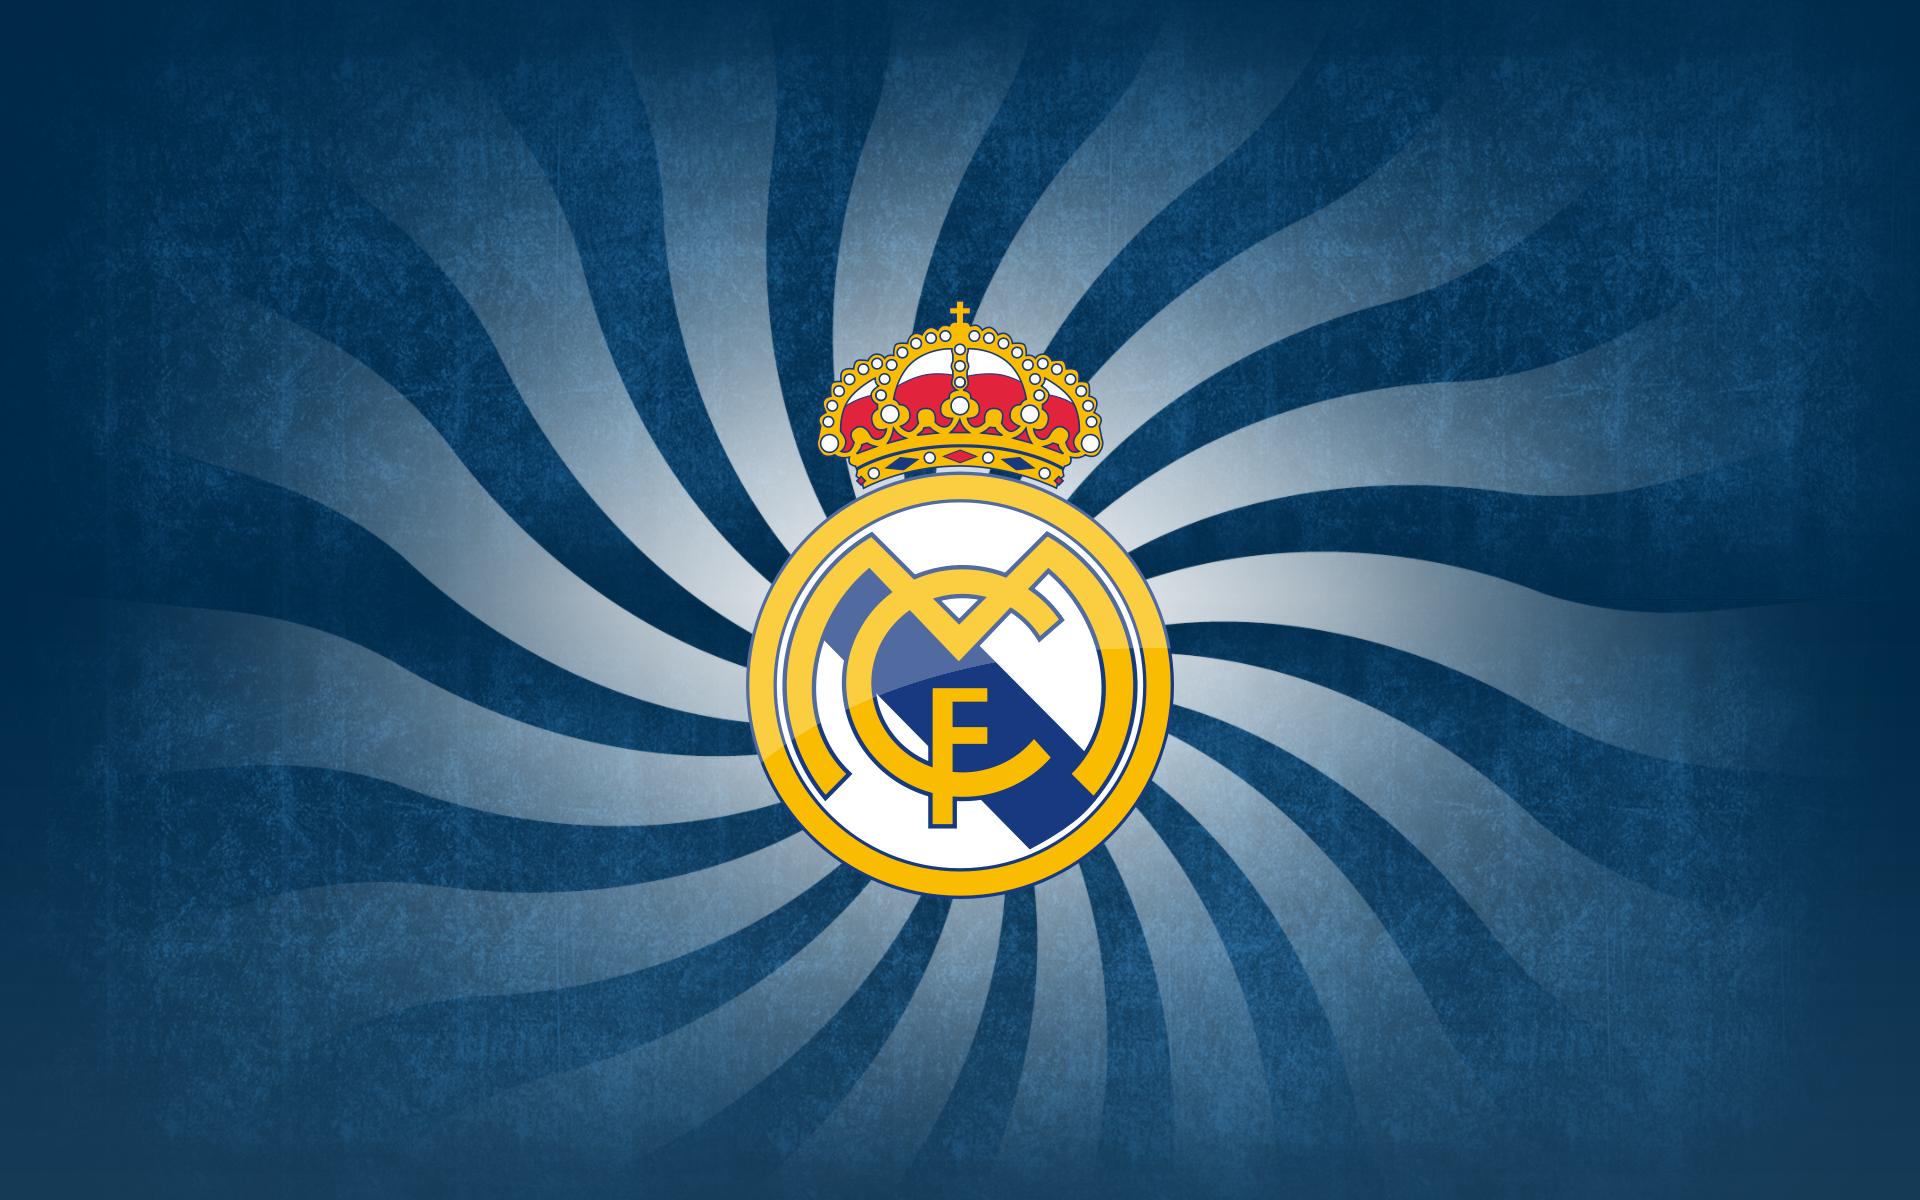 Real Madrid Logo 2016 Football Club